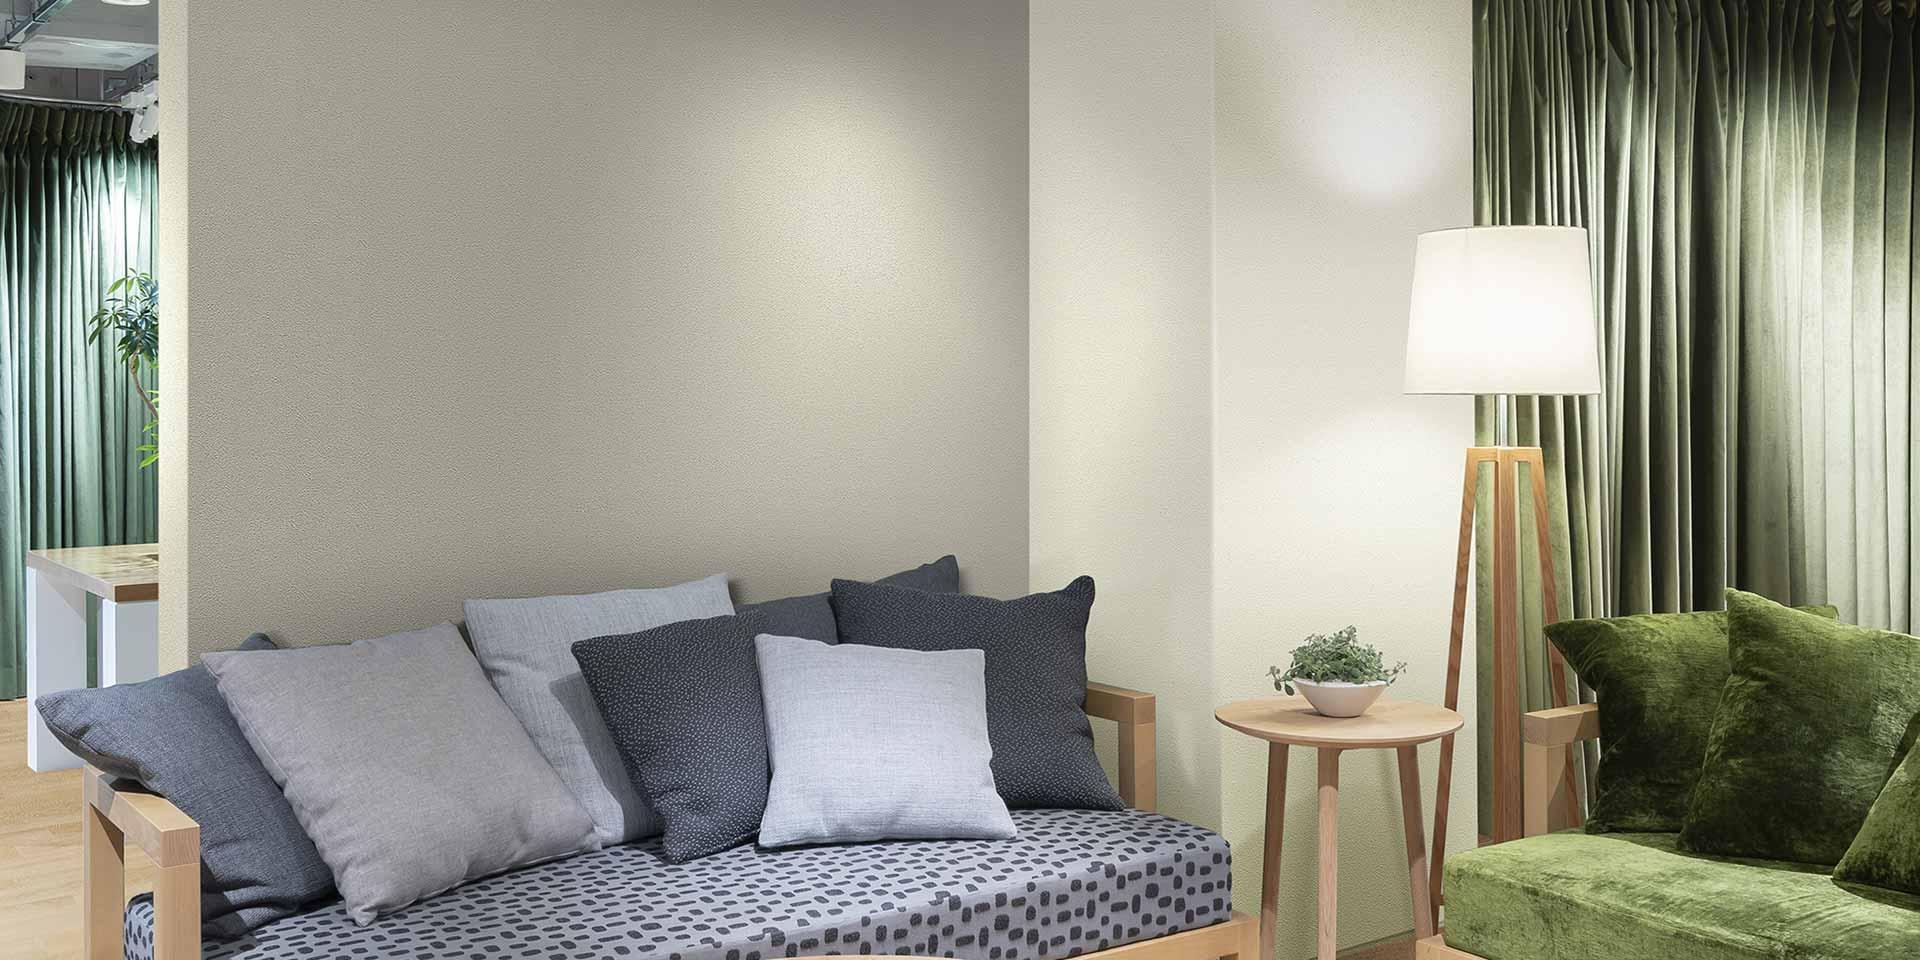 空気を洗う壁紙 半永久サイクル消臭壁紙 ルノン株式会社